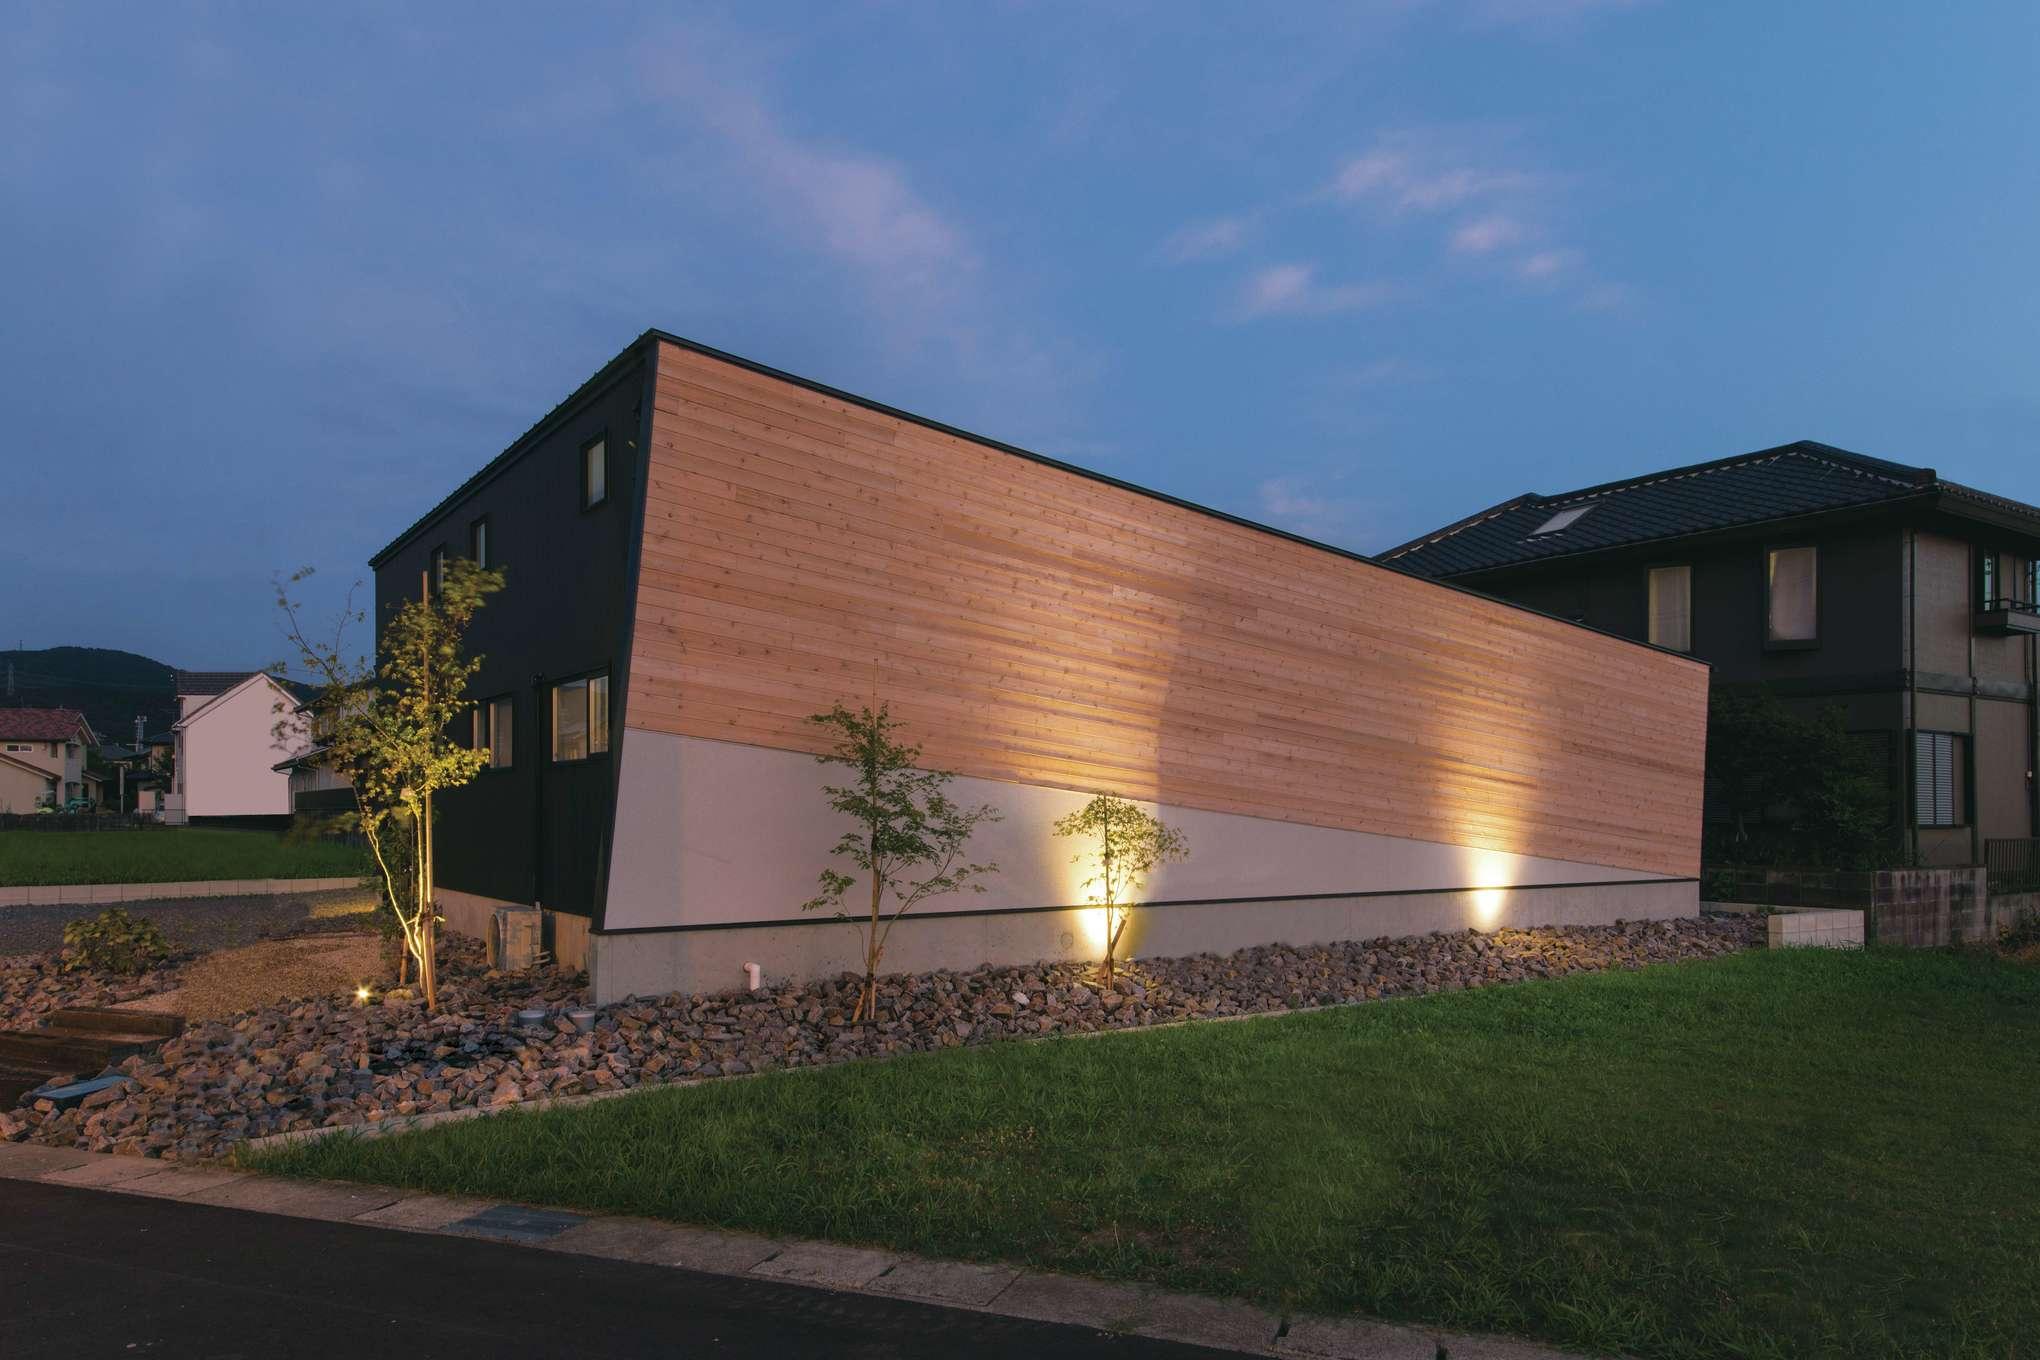 共感住宅 ray-out (レイアウト)【デザイン住宅、趣味、間取り】景色も際立たせる存在感のある外観